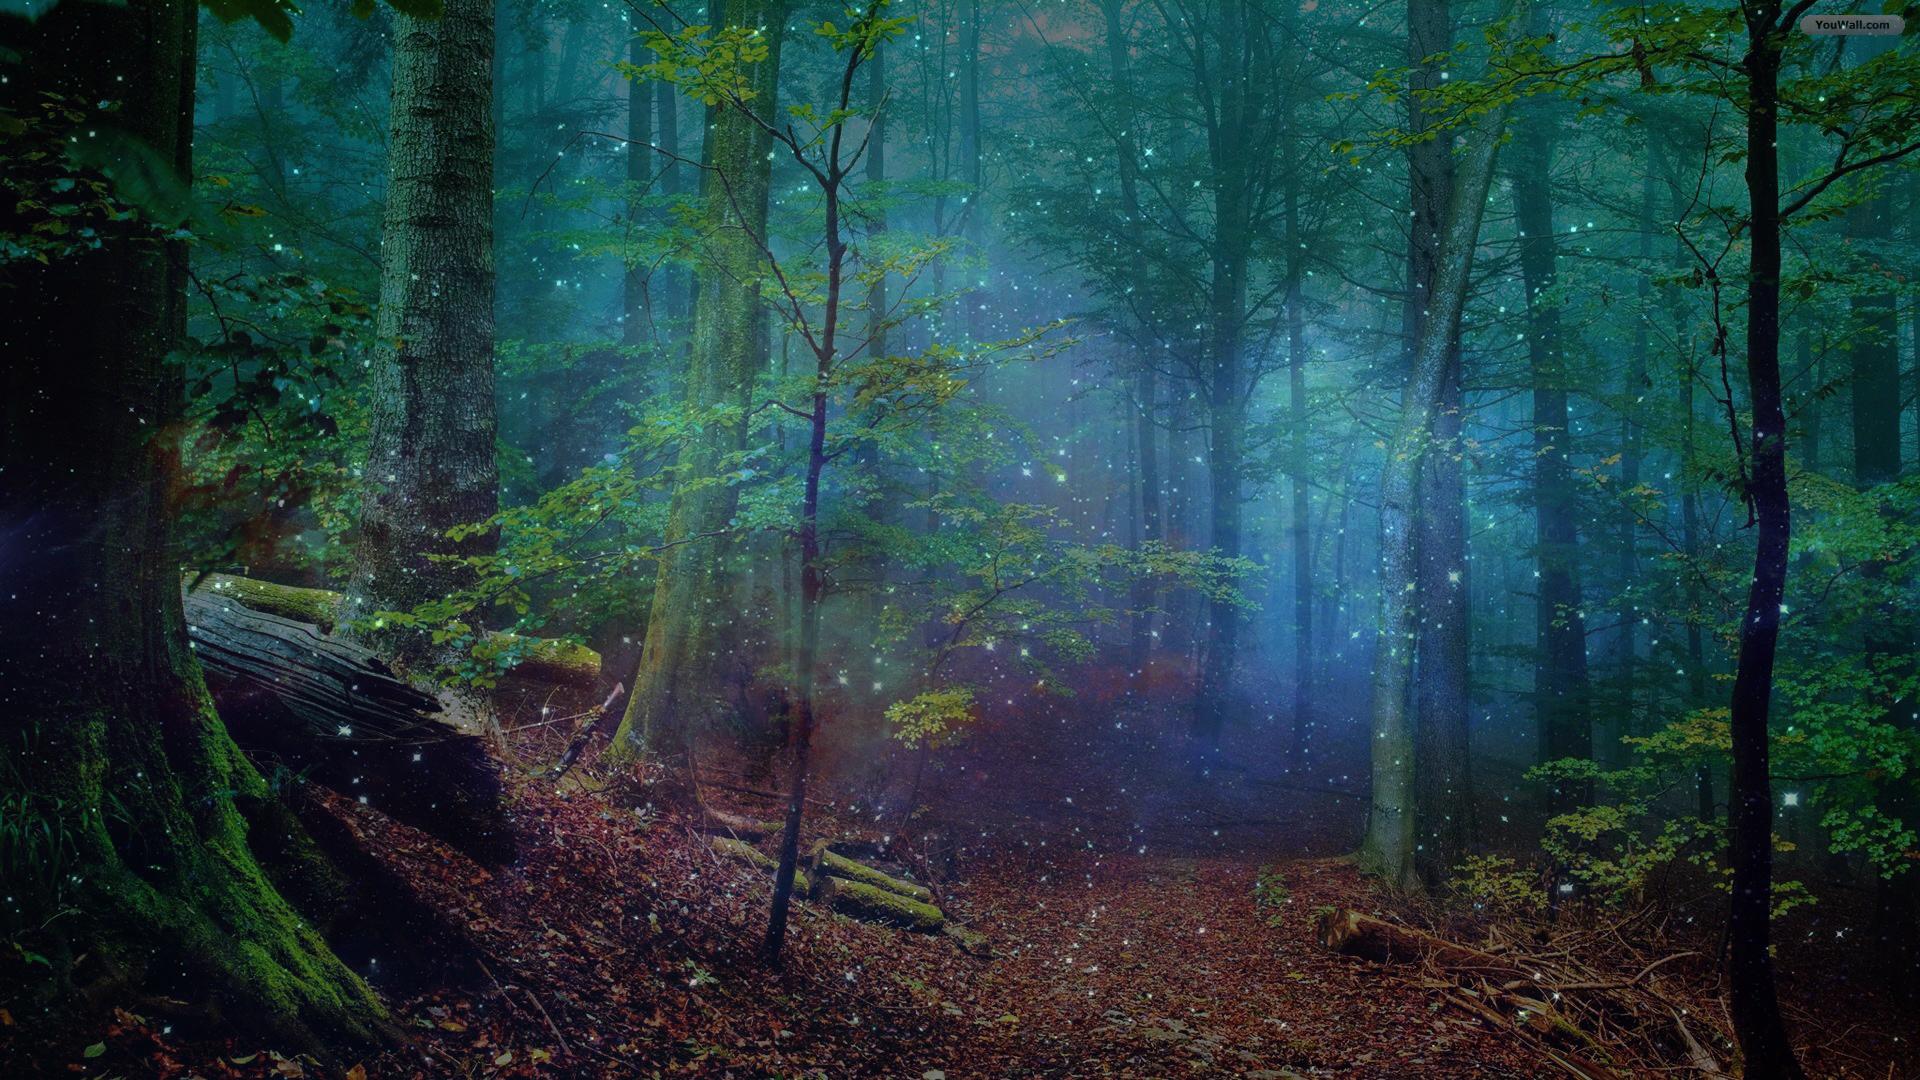 3D Fractal Forest Trees